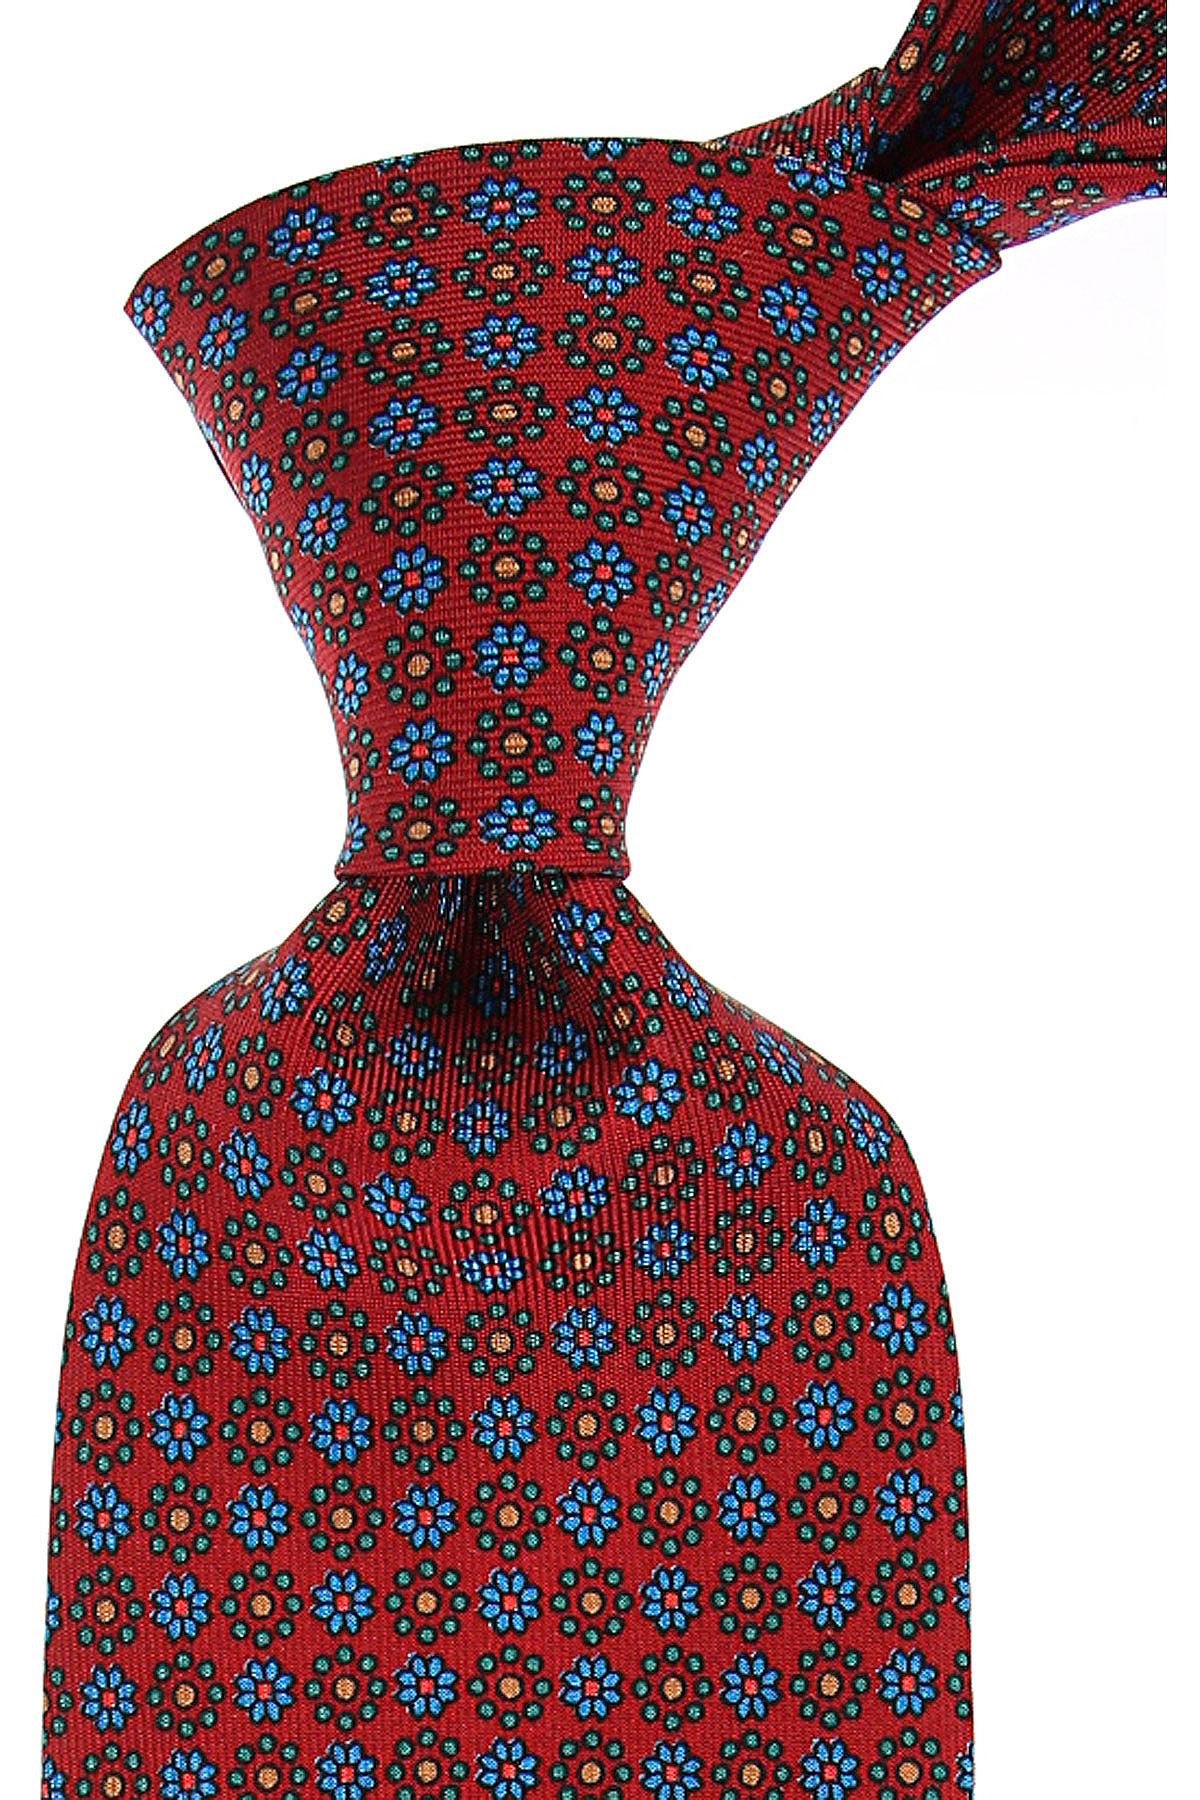 Marinella Cravates Pas cher en Soldes, Bordeaux, Soie, 2021